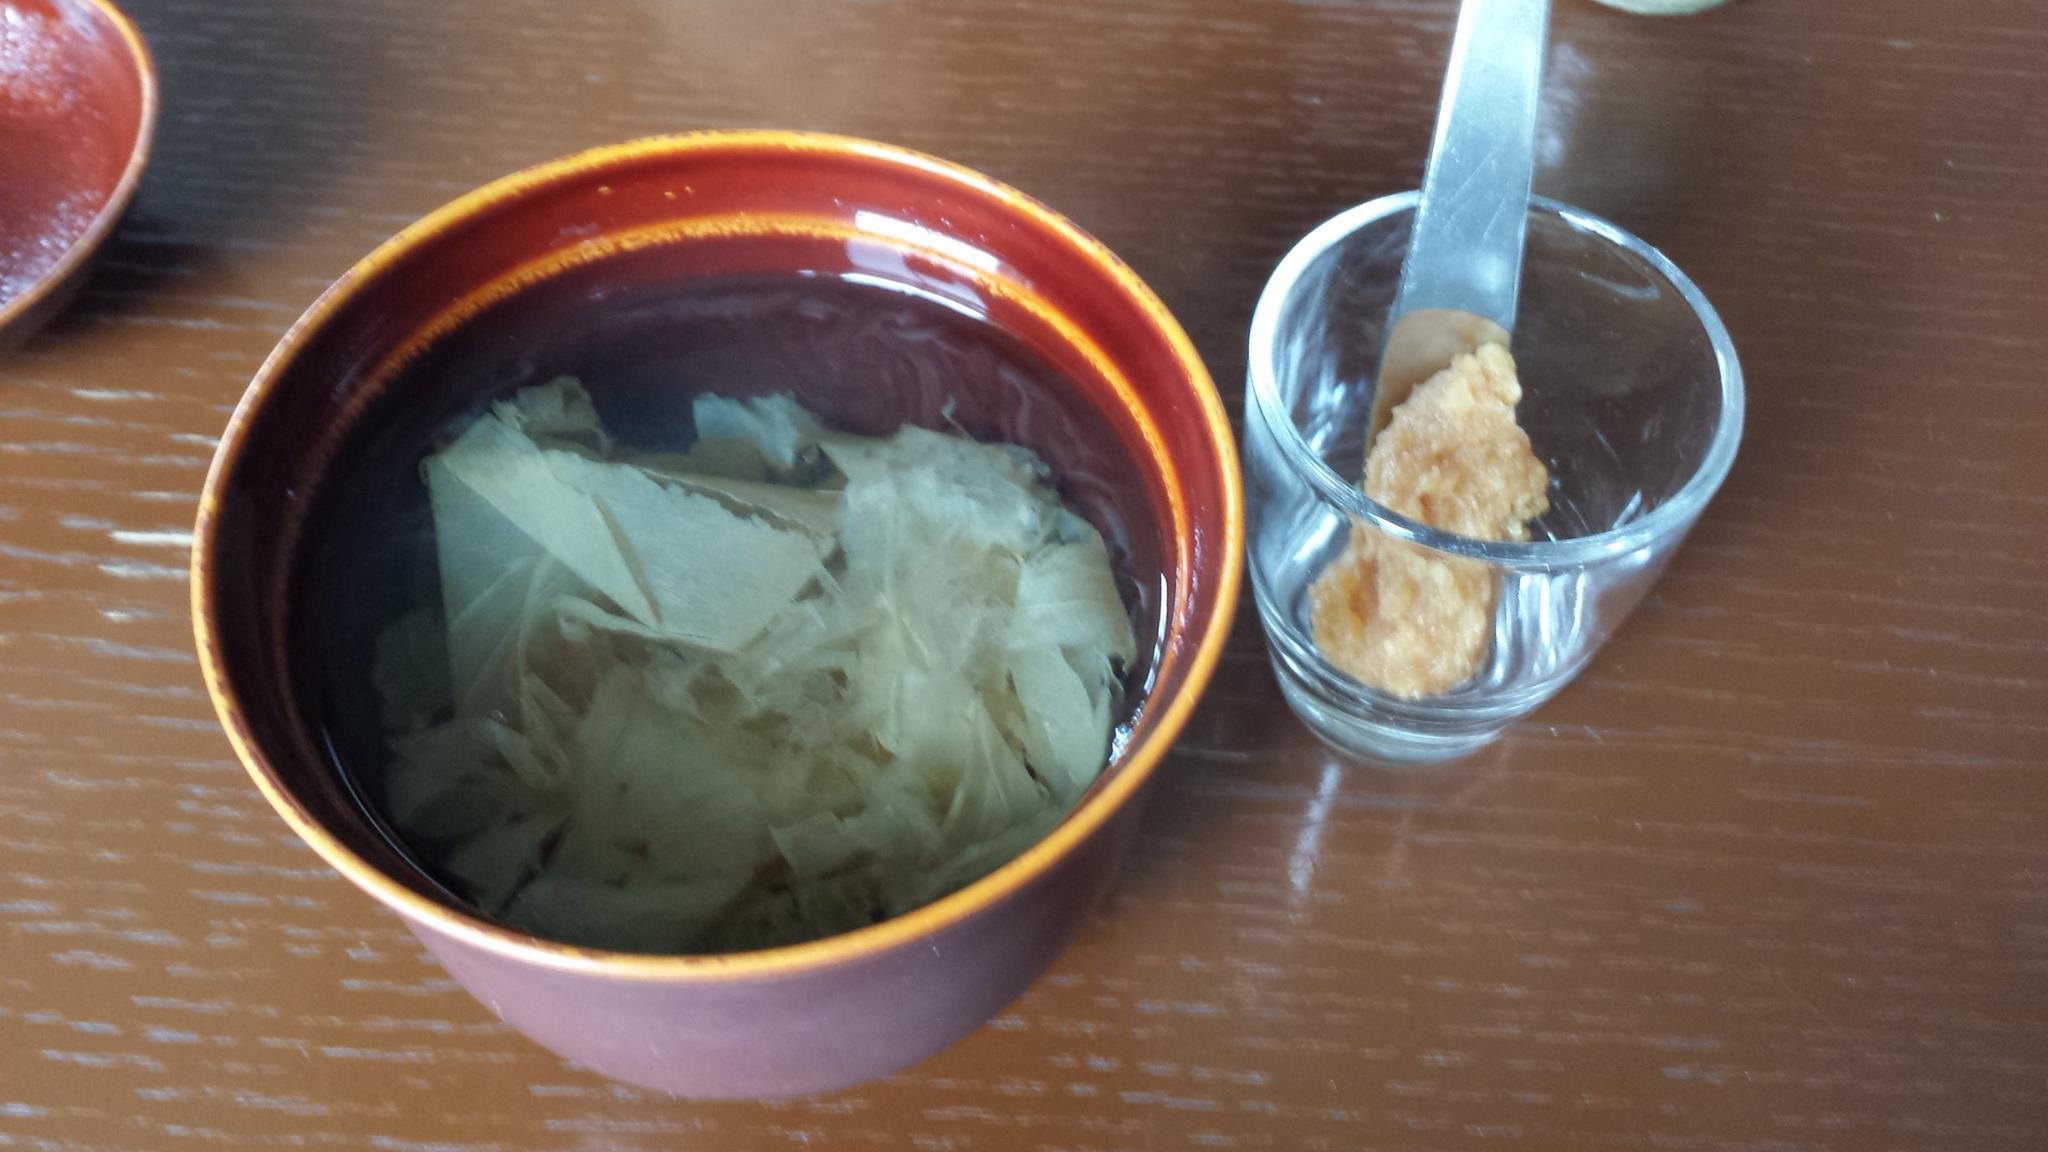 佐藤初女さん直伝のおむすびが食べられる沖縄の「めぇみち」_f0186787_1813068.jpg